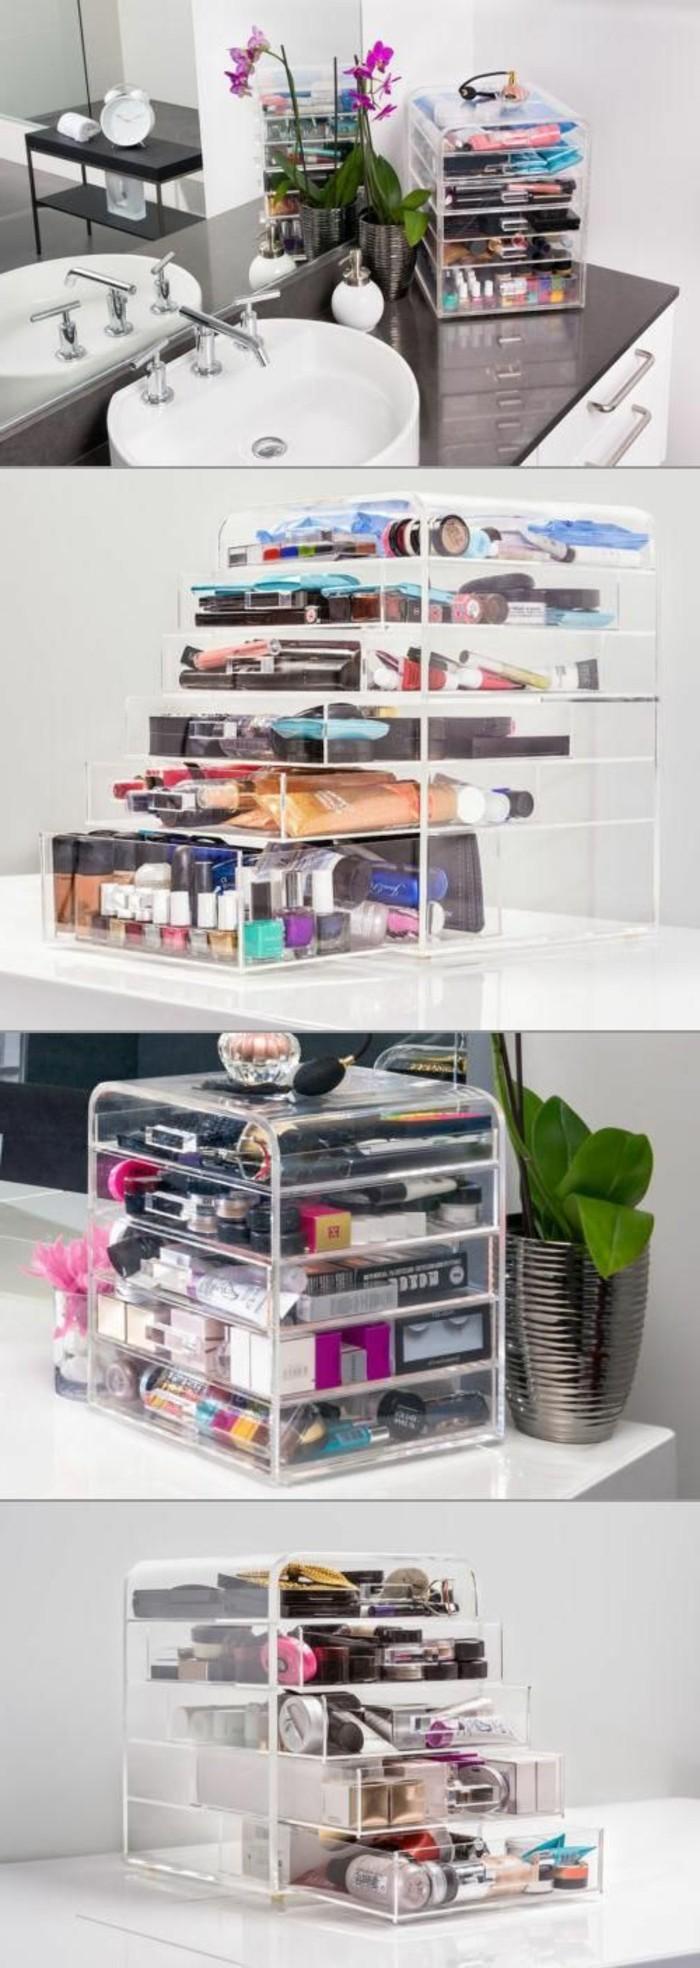 52 id es de rangement make up en photos et vid os - Boite rangement cosmetique ...